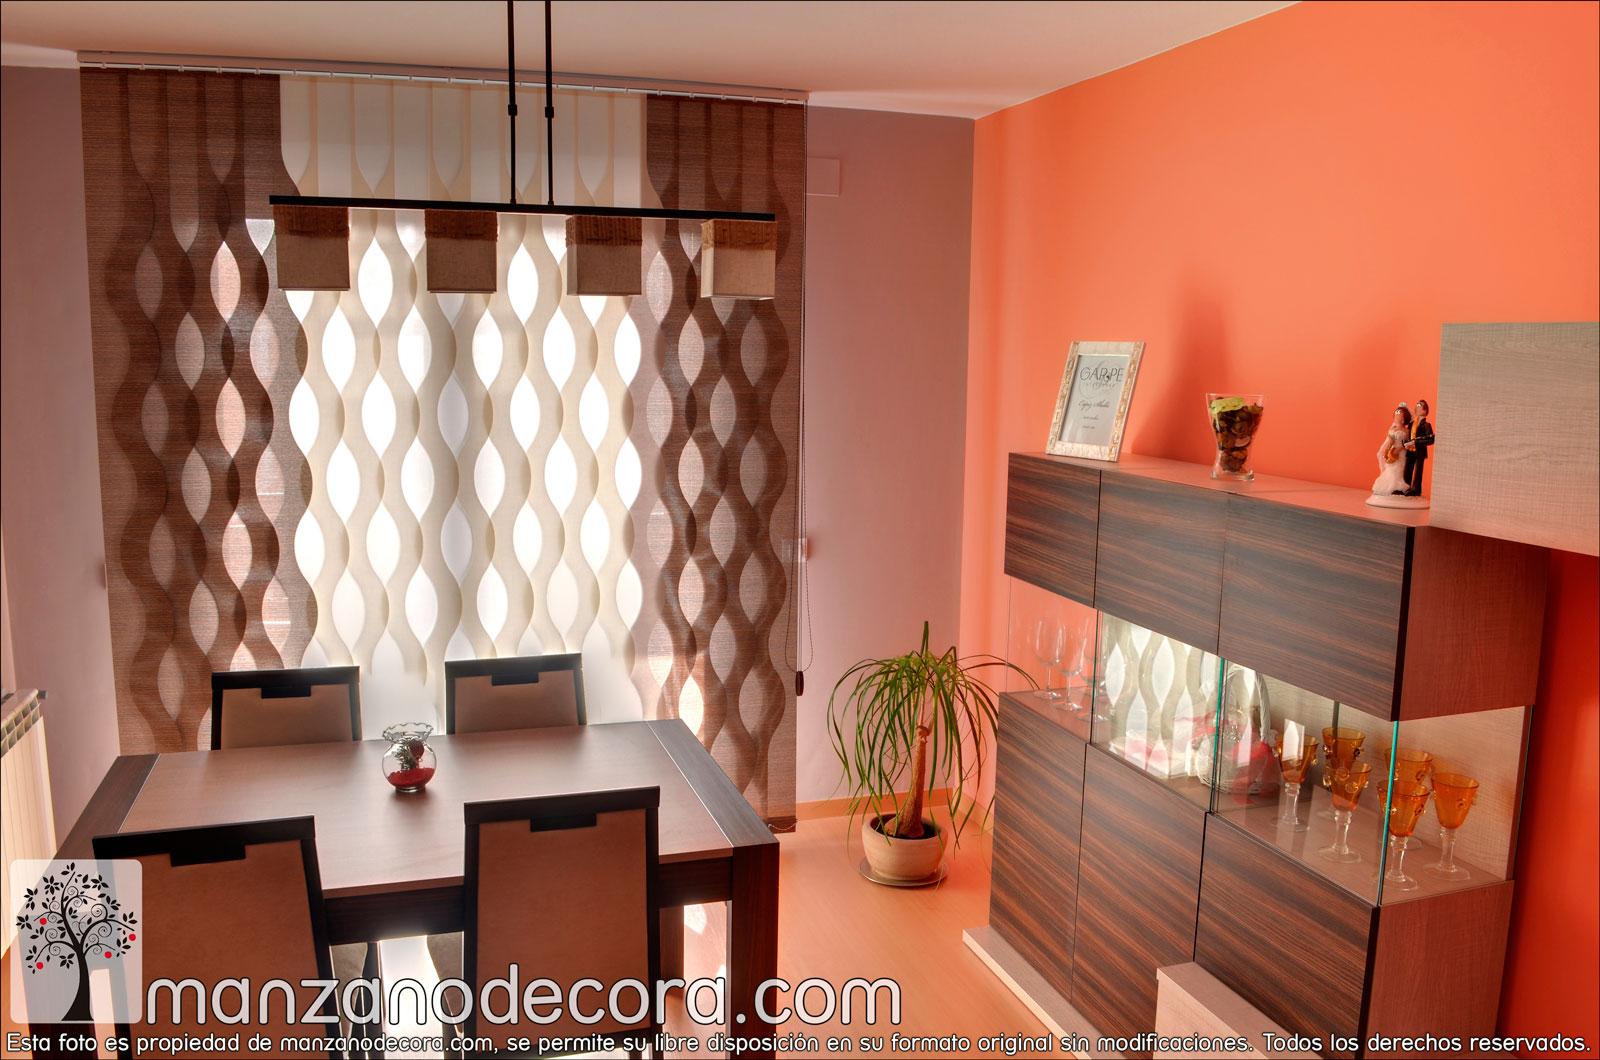 Persianas venecianas de tejido cortinas manzanodecora - Persianas venecianas verticales ...